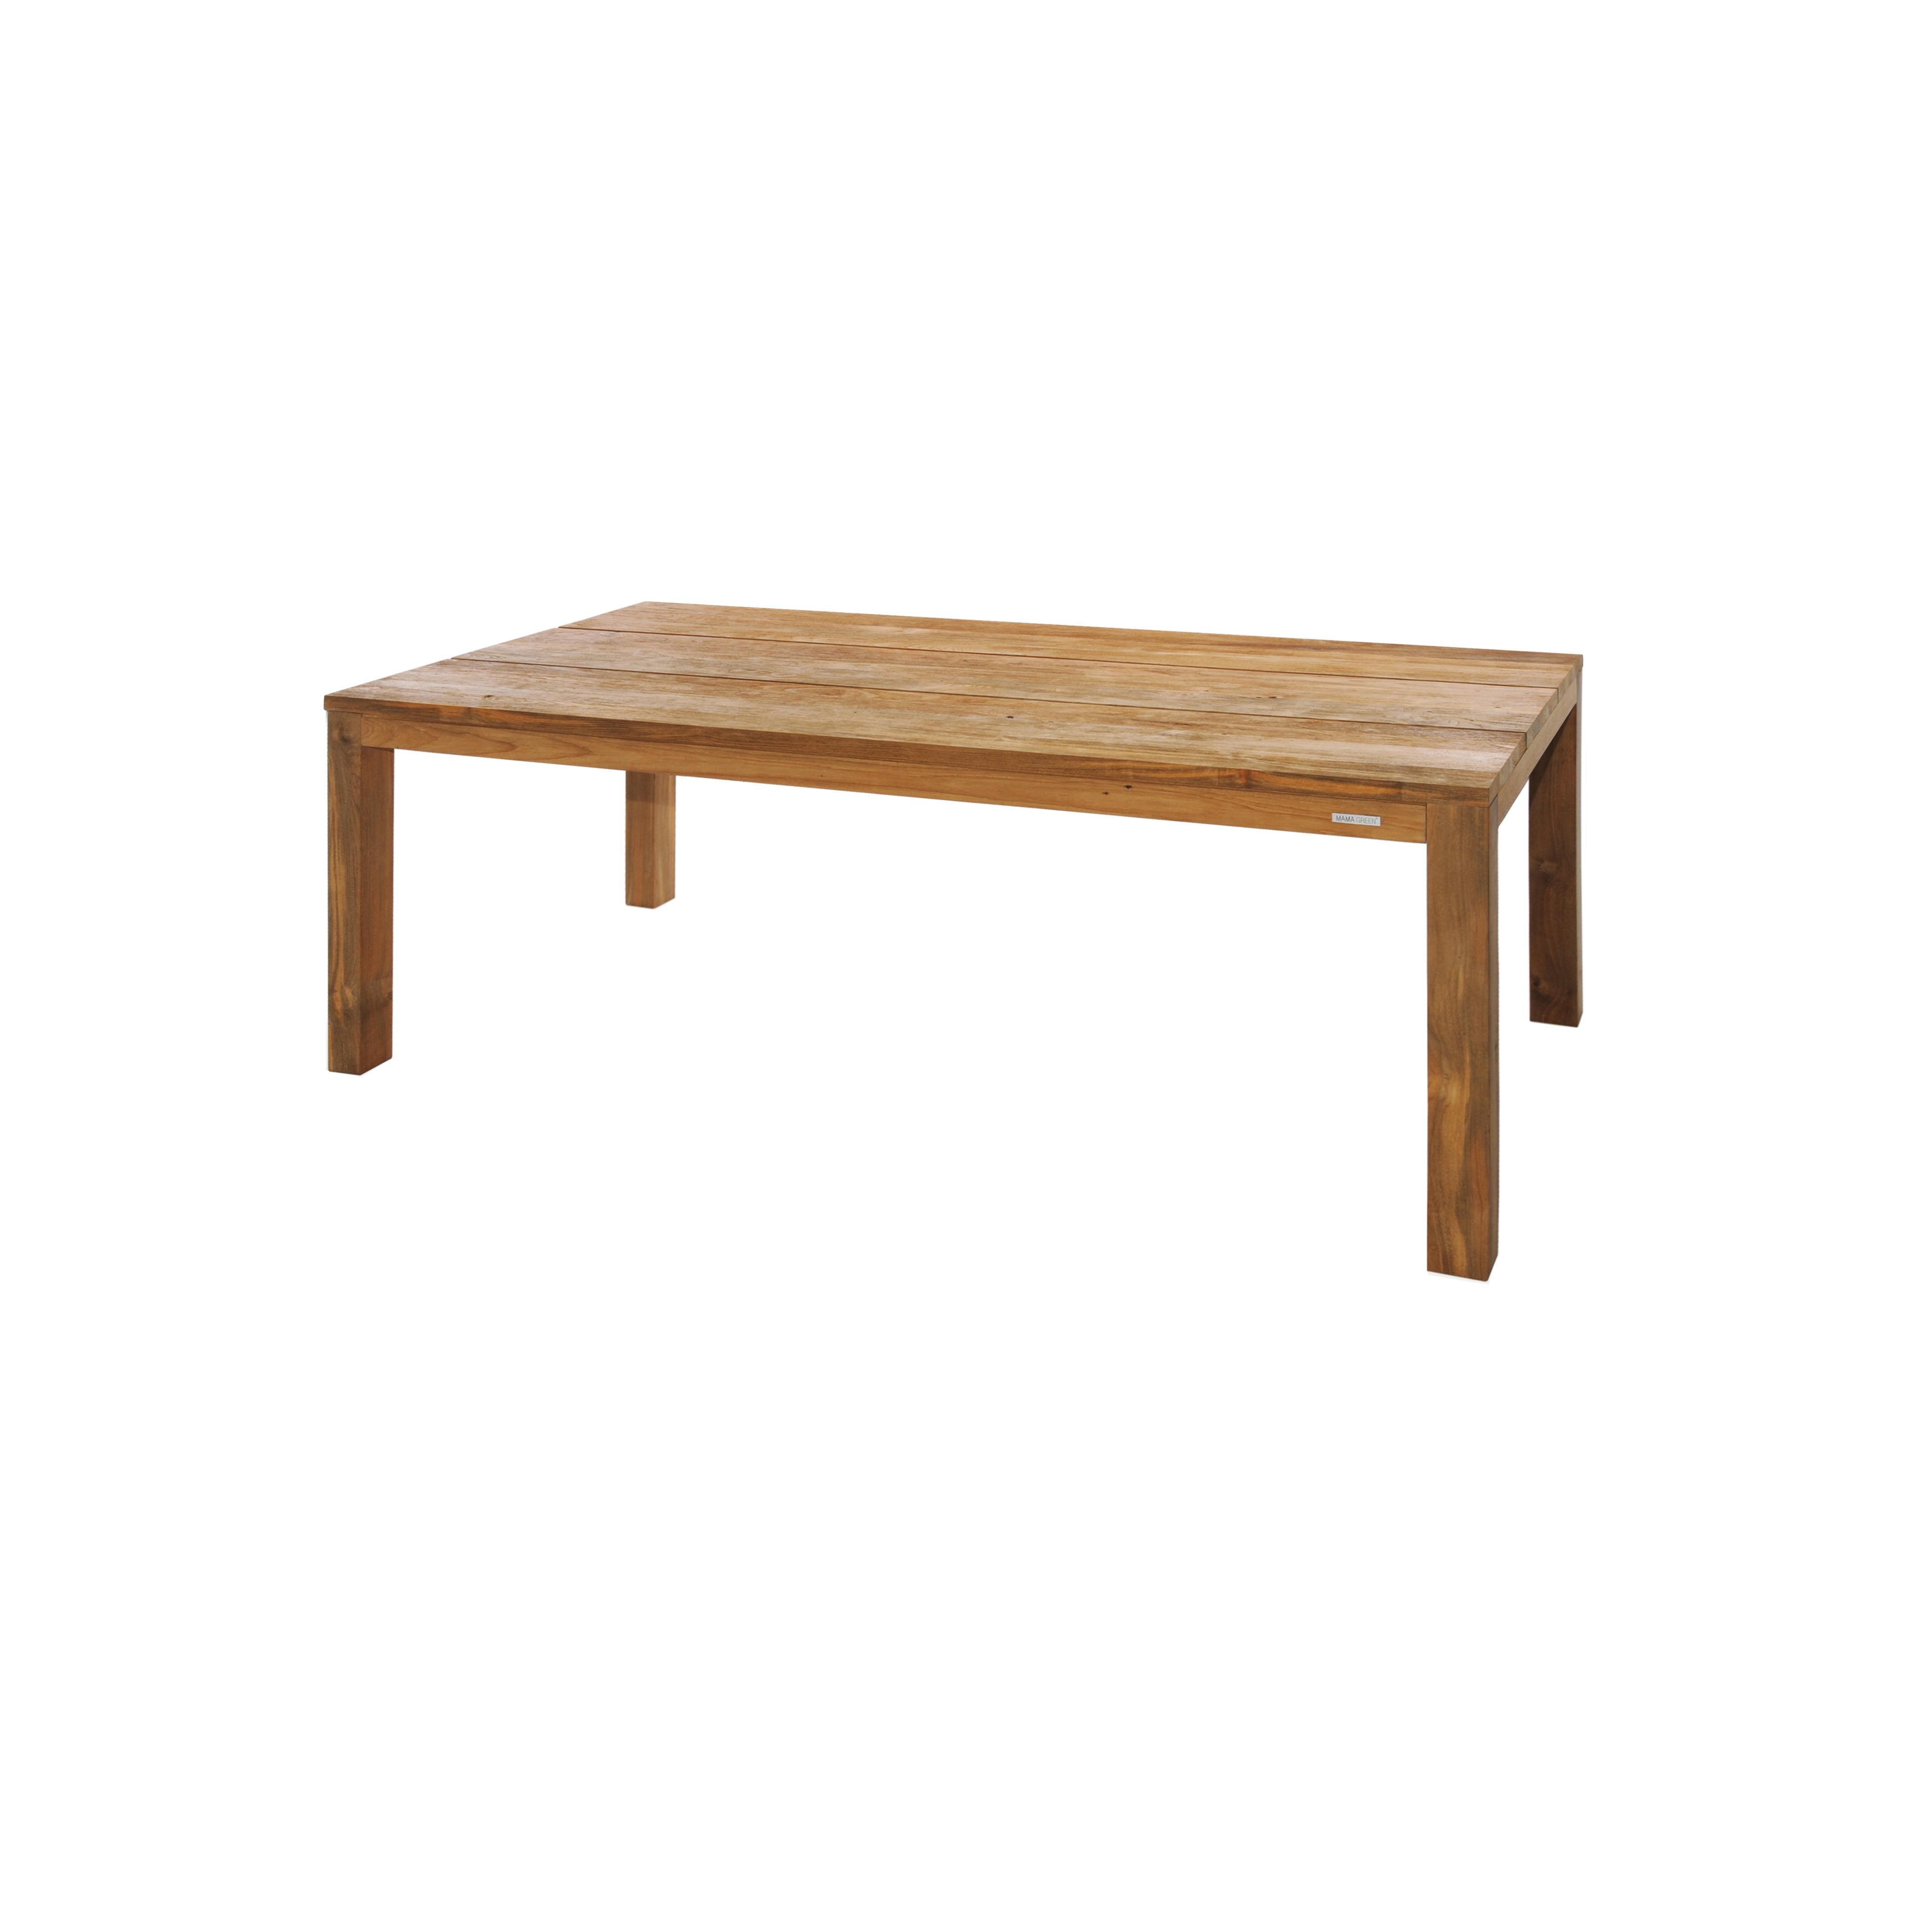 Vigo Dining Table 200 NOW $1,790